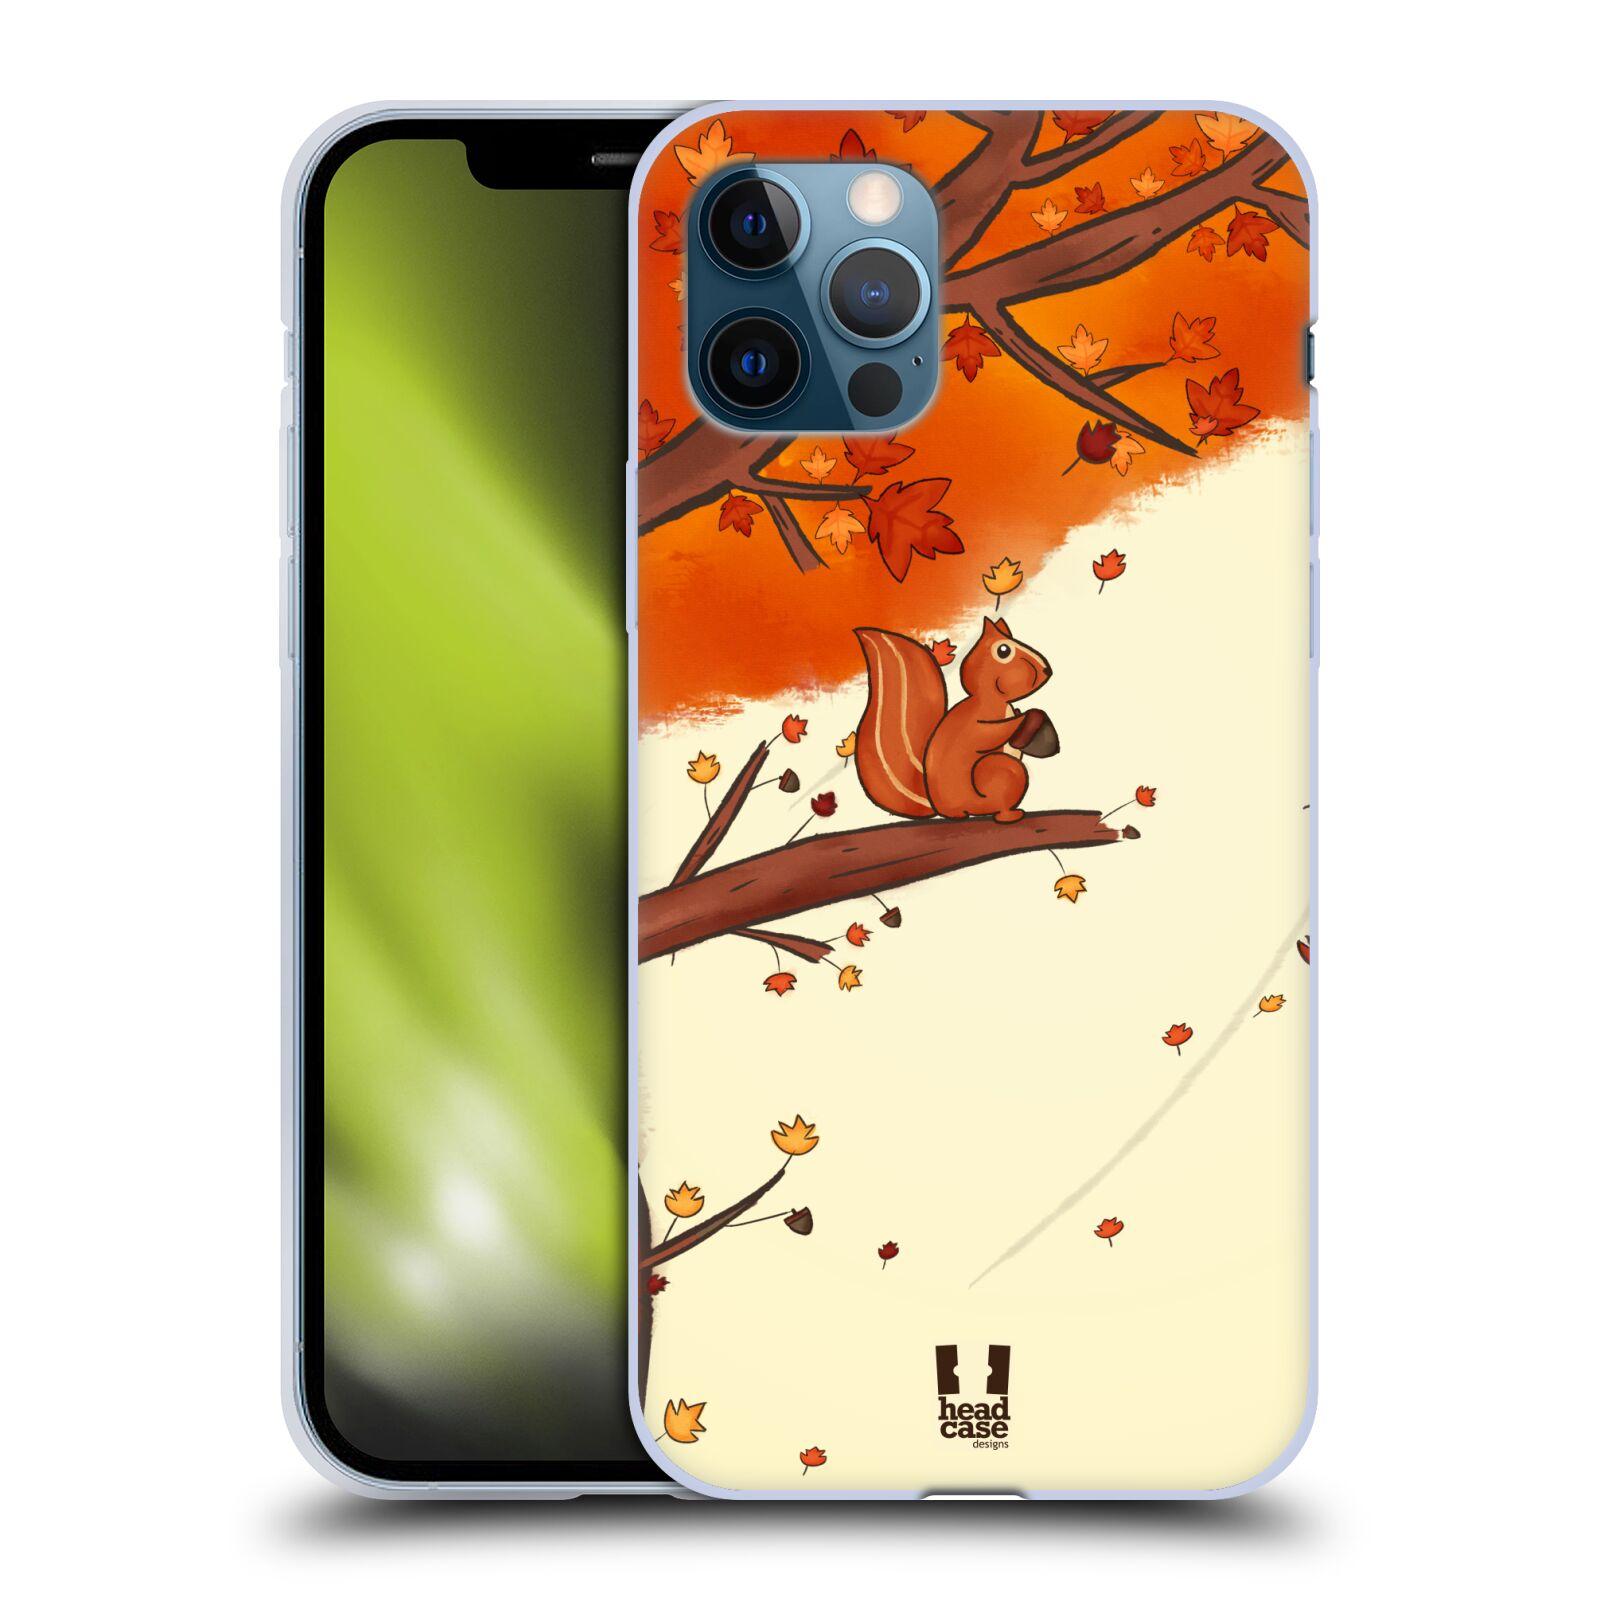 Silikonové pouzdro na mobil Apple iPhone 12 / 12 Pro - Head Case - PODZIMNÍ VEVERKA